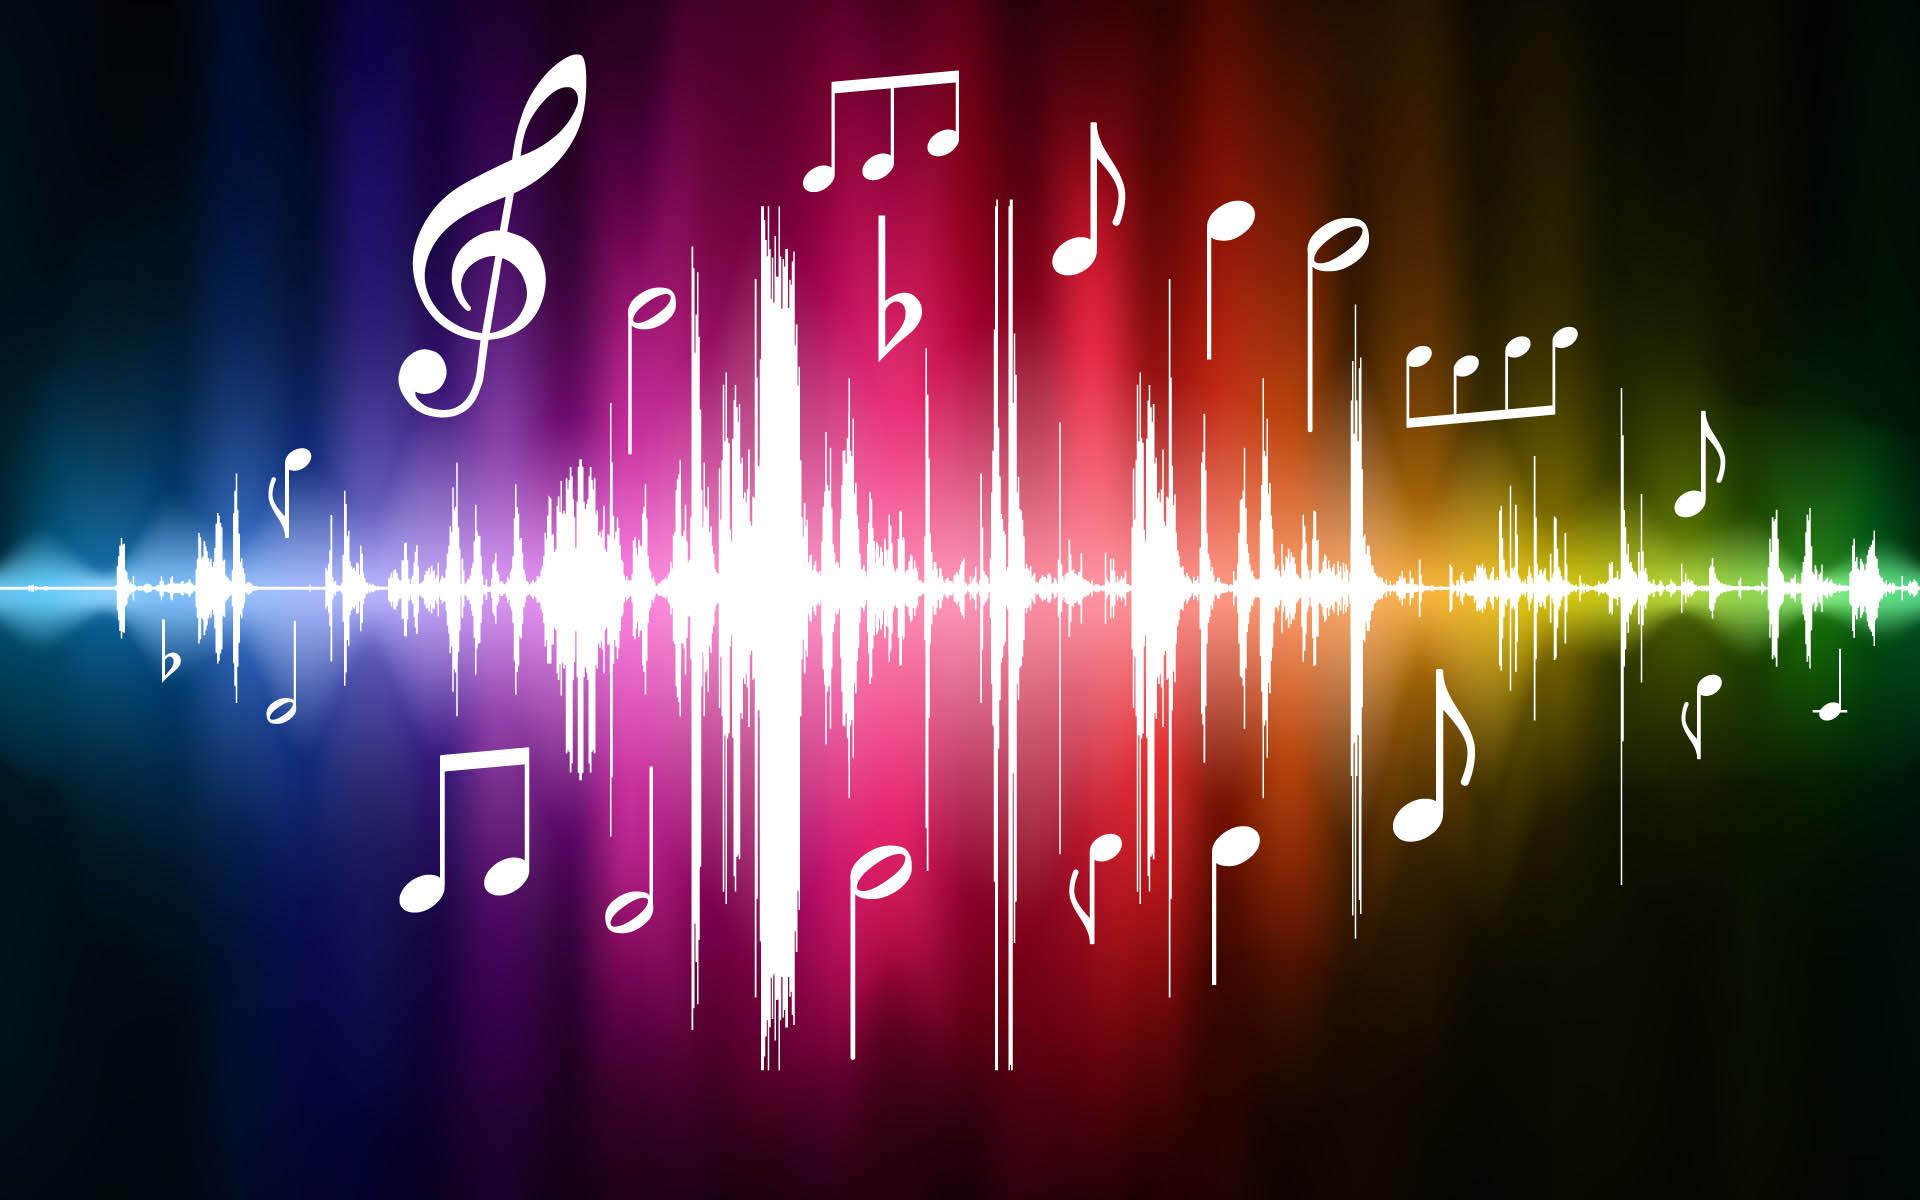 Sfondi cellulare musica